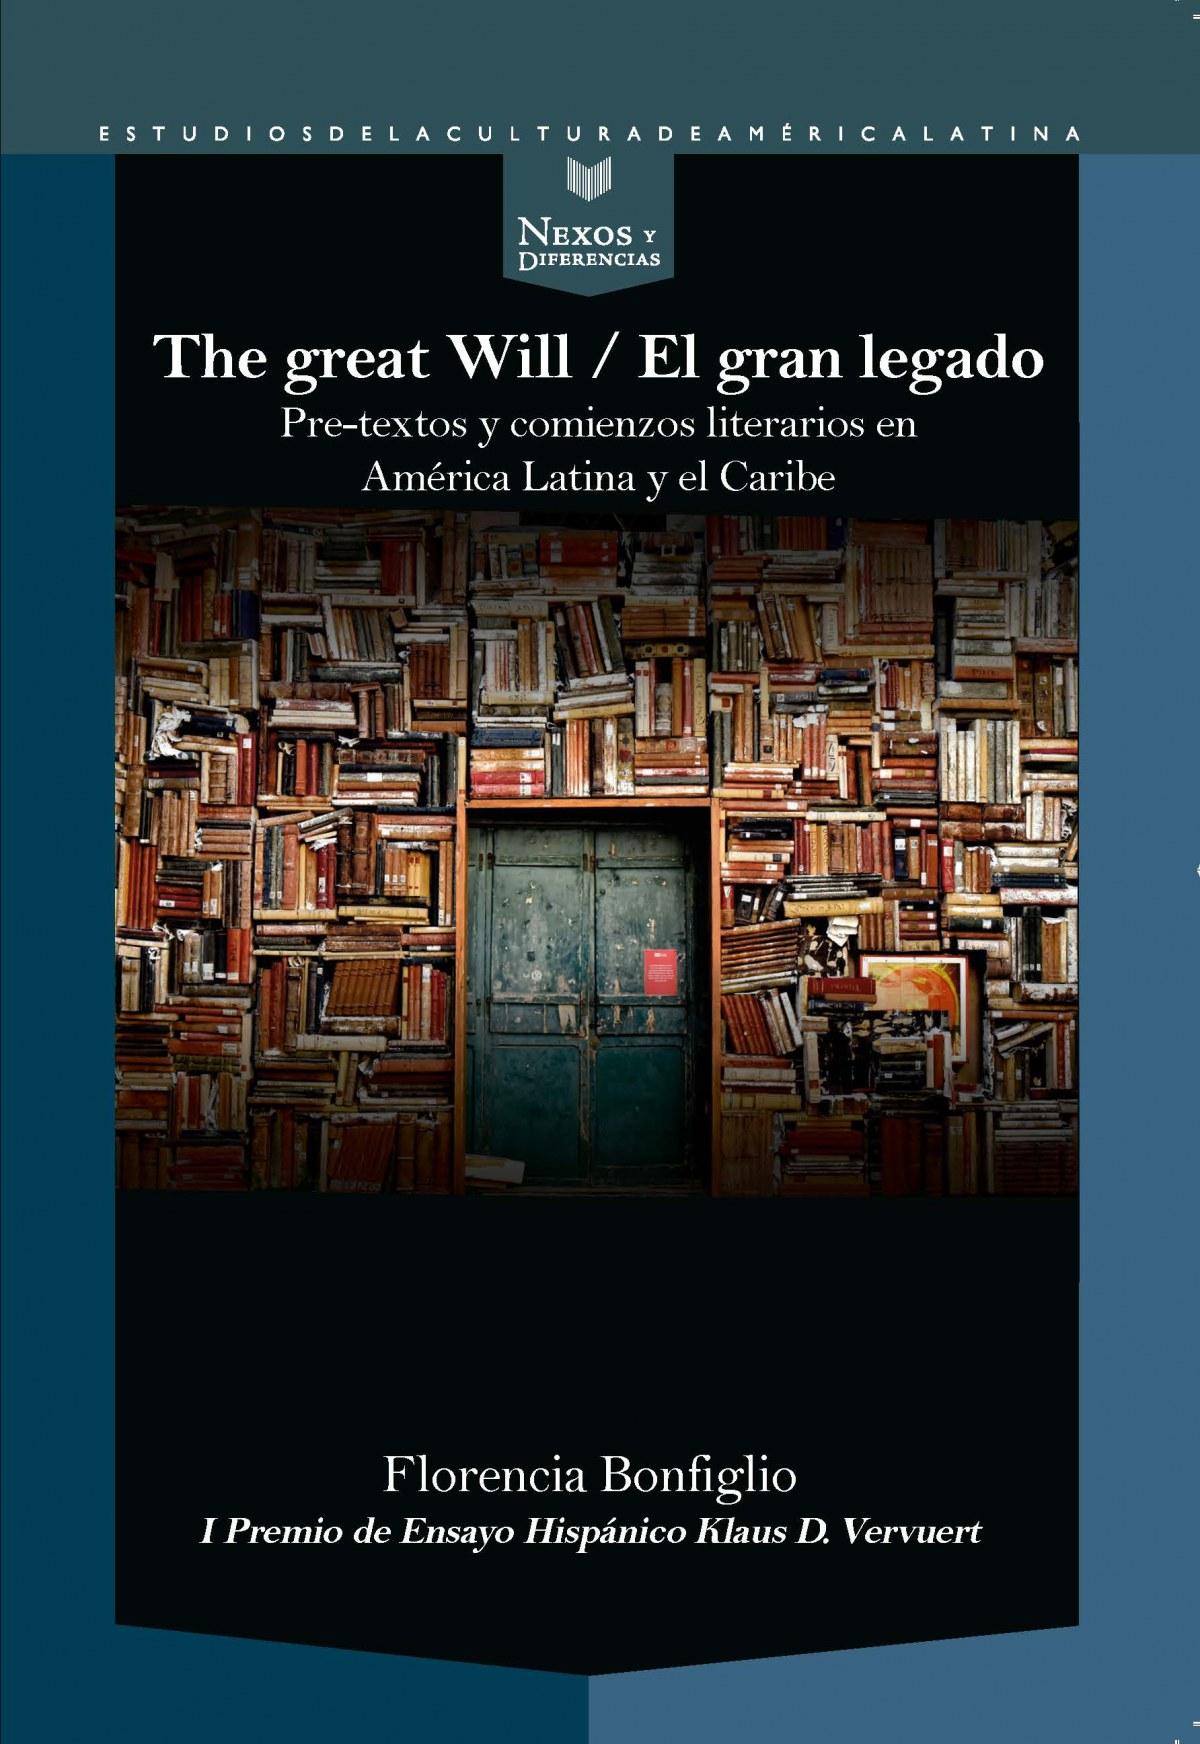 The Great Will - El gran legado